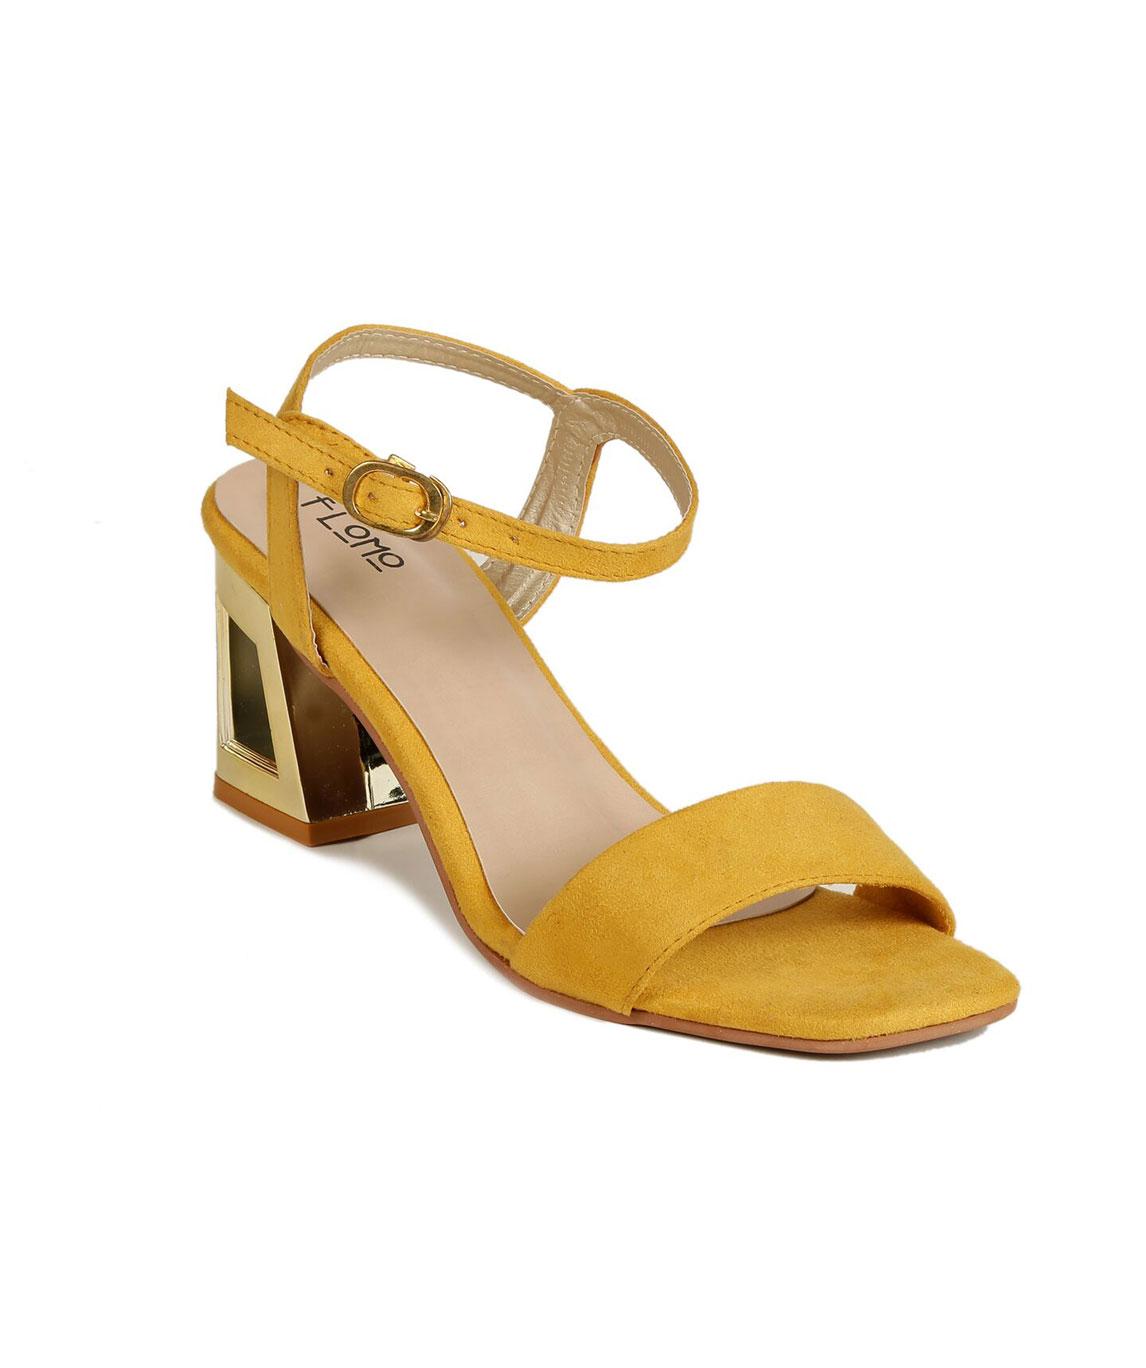 Flomo Women`s Yellow Resin Party Block Heels